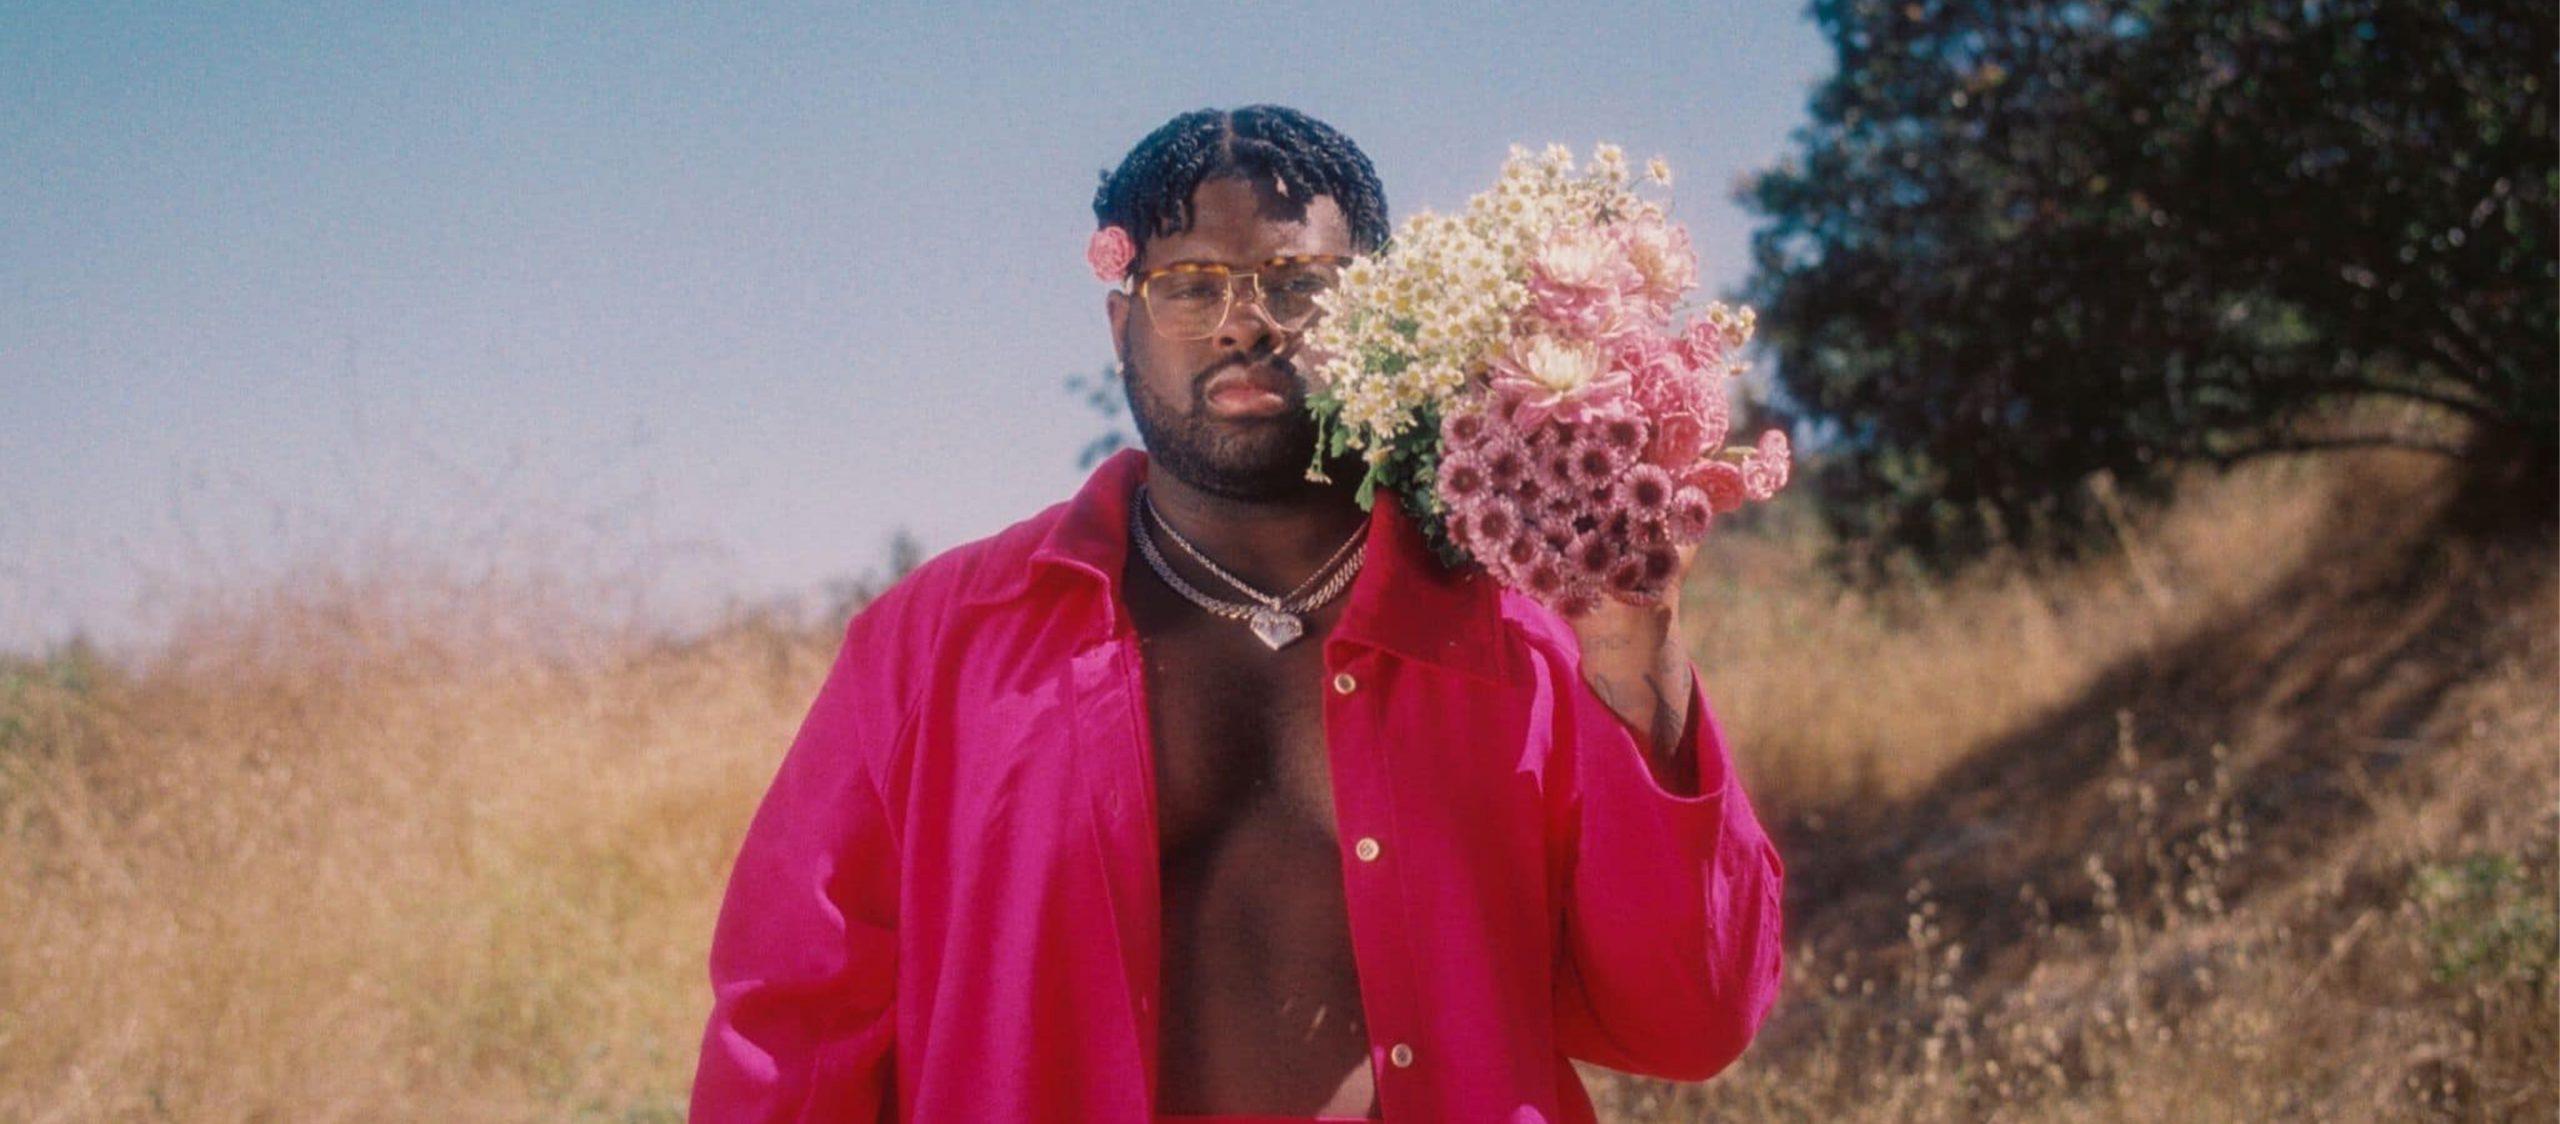 """""""การได้รักและถูกรักมันโคตรสำคัญ"""" Pink Sweat$ ศิลปินที่ทำเพลงรักติดท็อปชาร์ตตั้งแต่อัลบั้มแรก"""